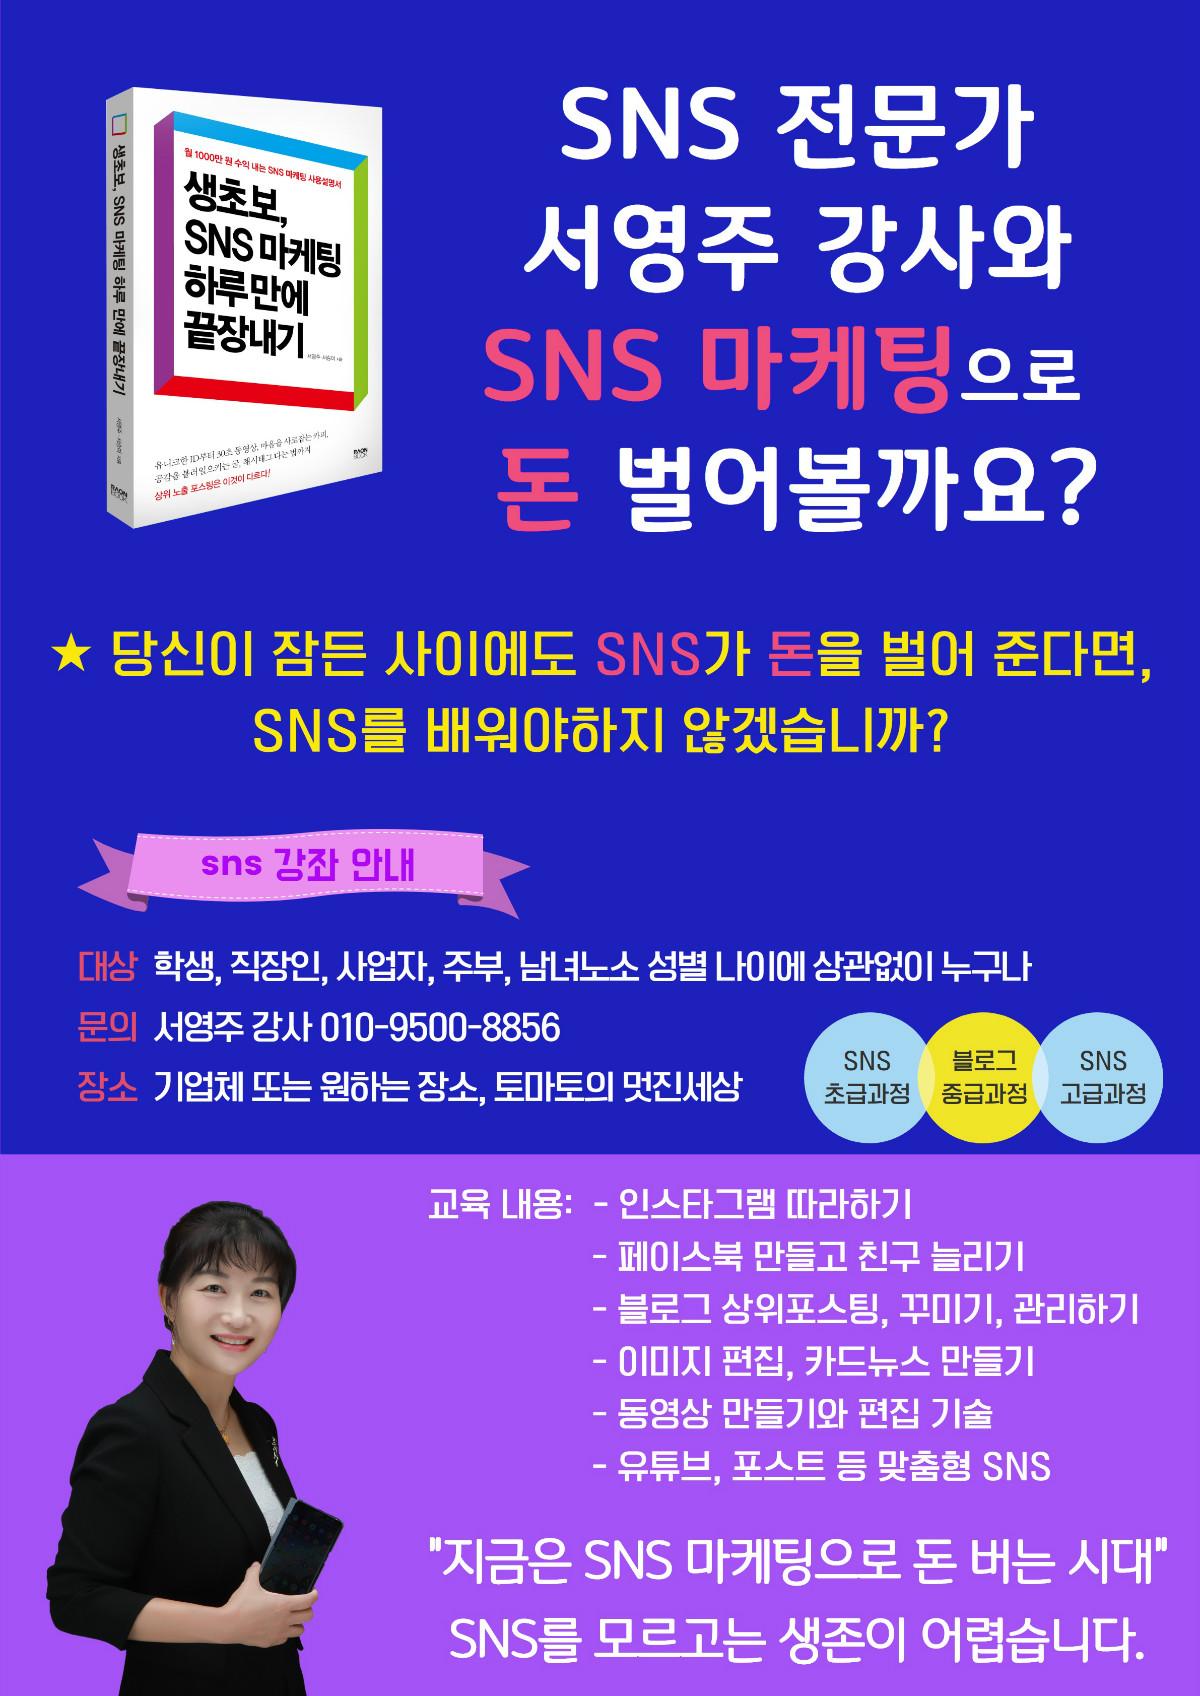 서영주 sns강의 홍보포스터 (1).jpg